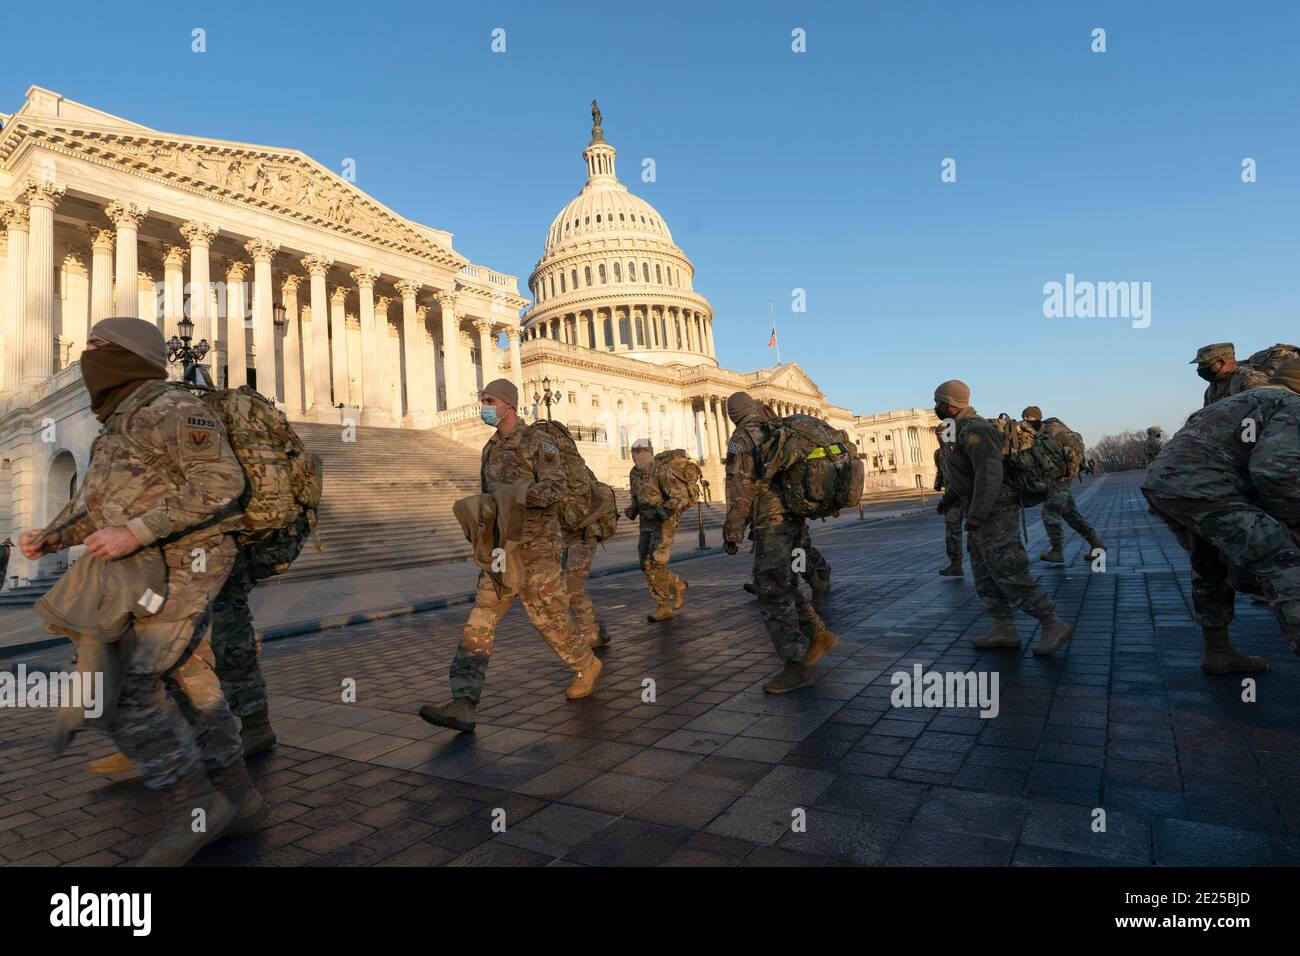 Washington DC- los miembros de la Guardia Nacional se reúnen en Capitol Hill. Crédito de la foto: Chris Kleponis/Sipa, EE.UU. 12 de enero de 2021. Crédito: SIPA USA/Alamy Live News Foto de stock